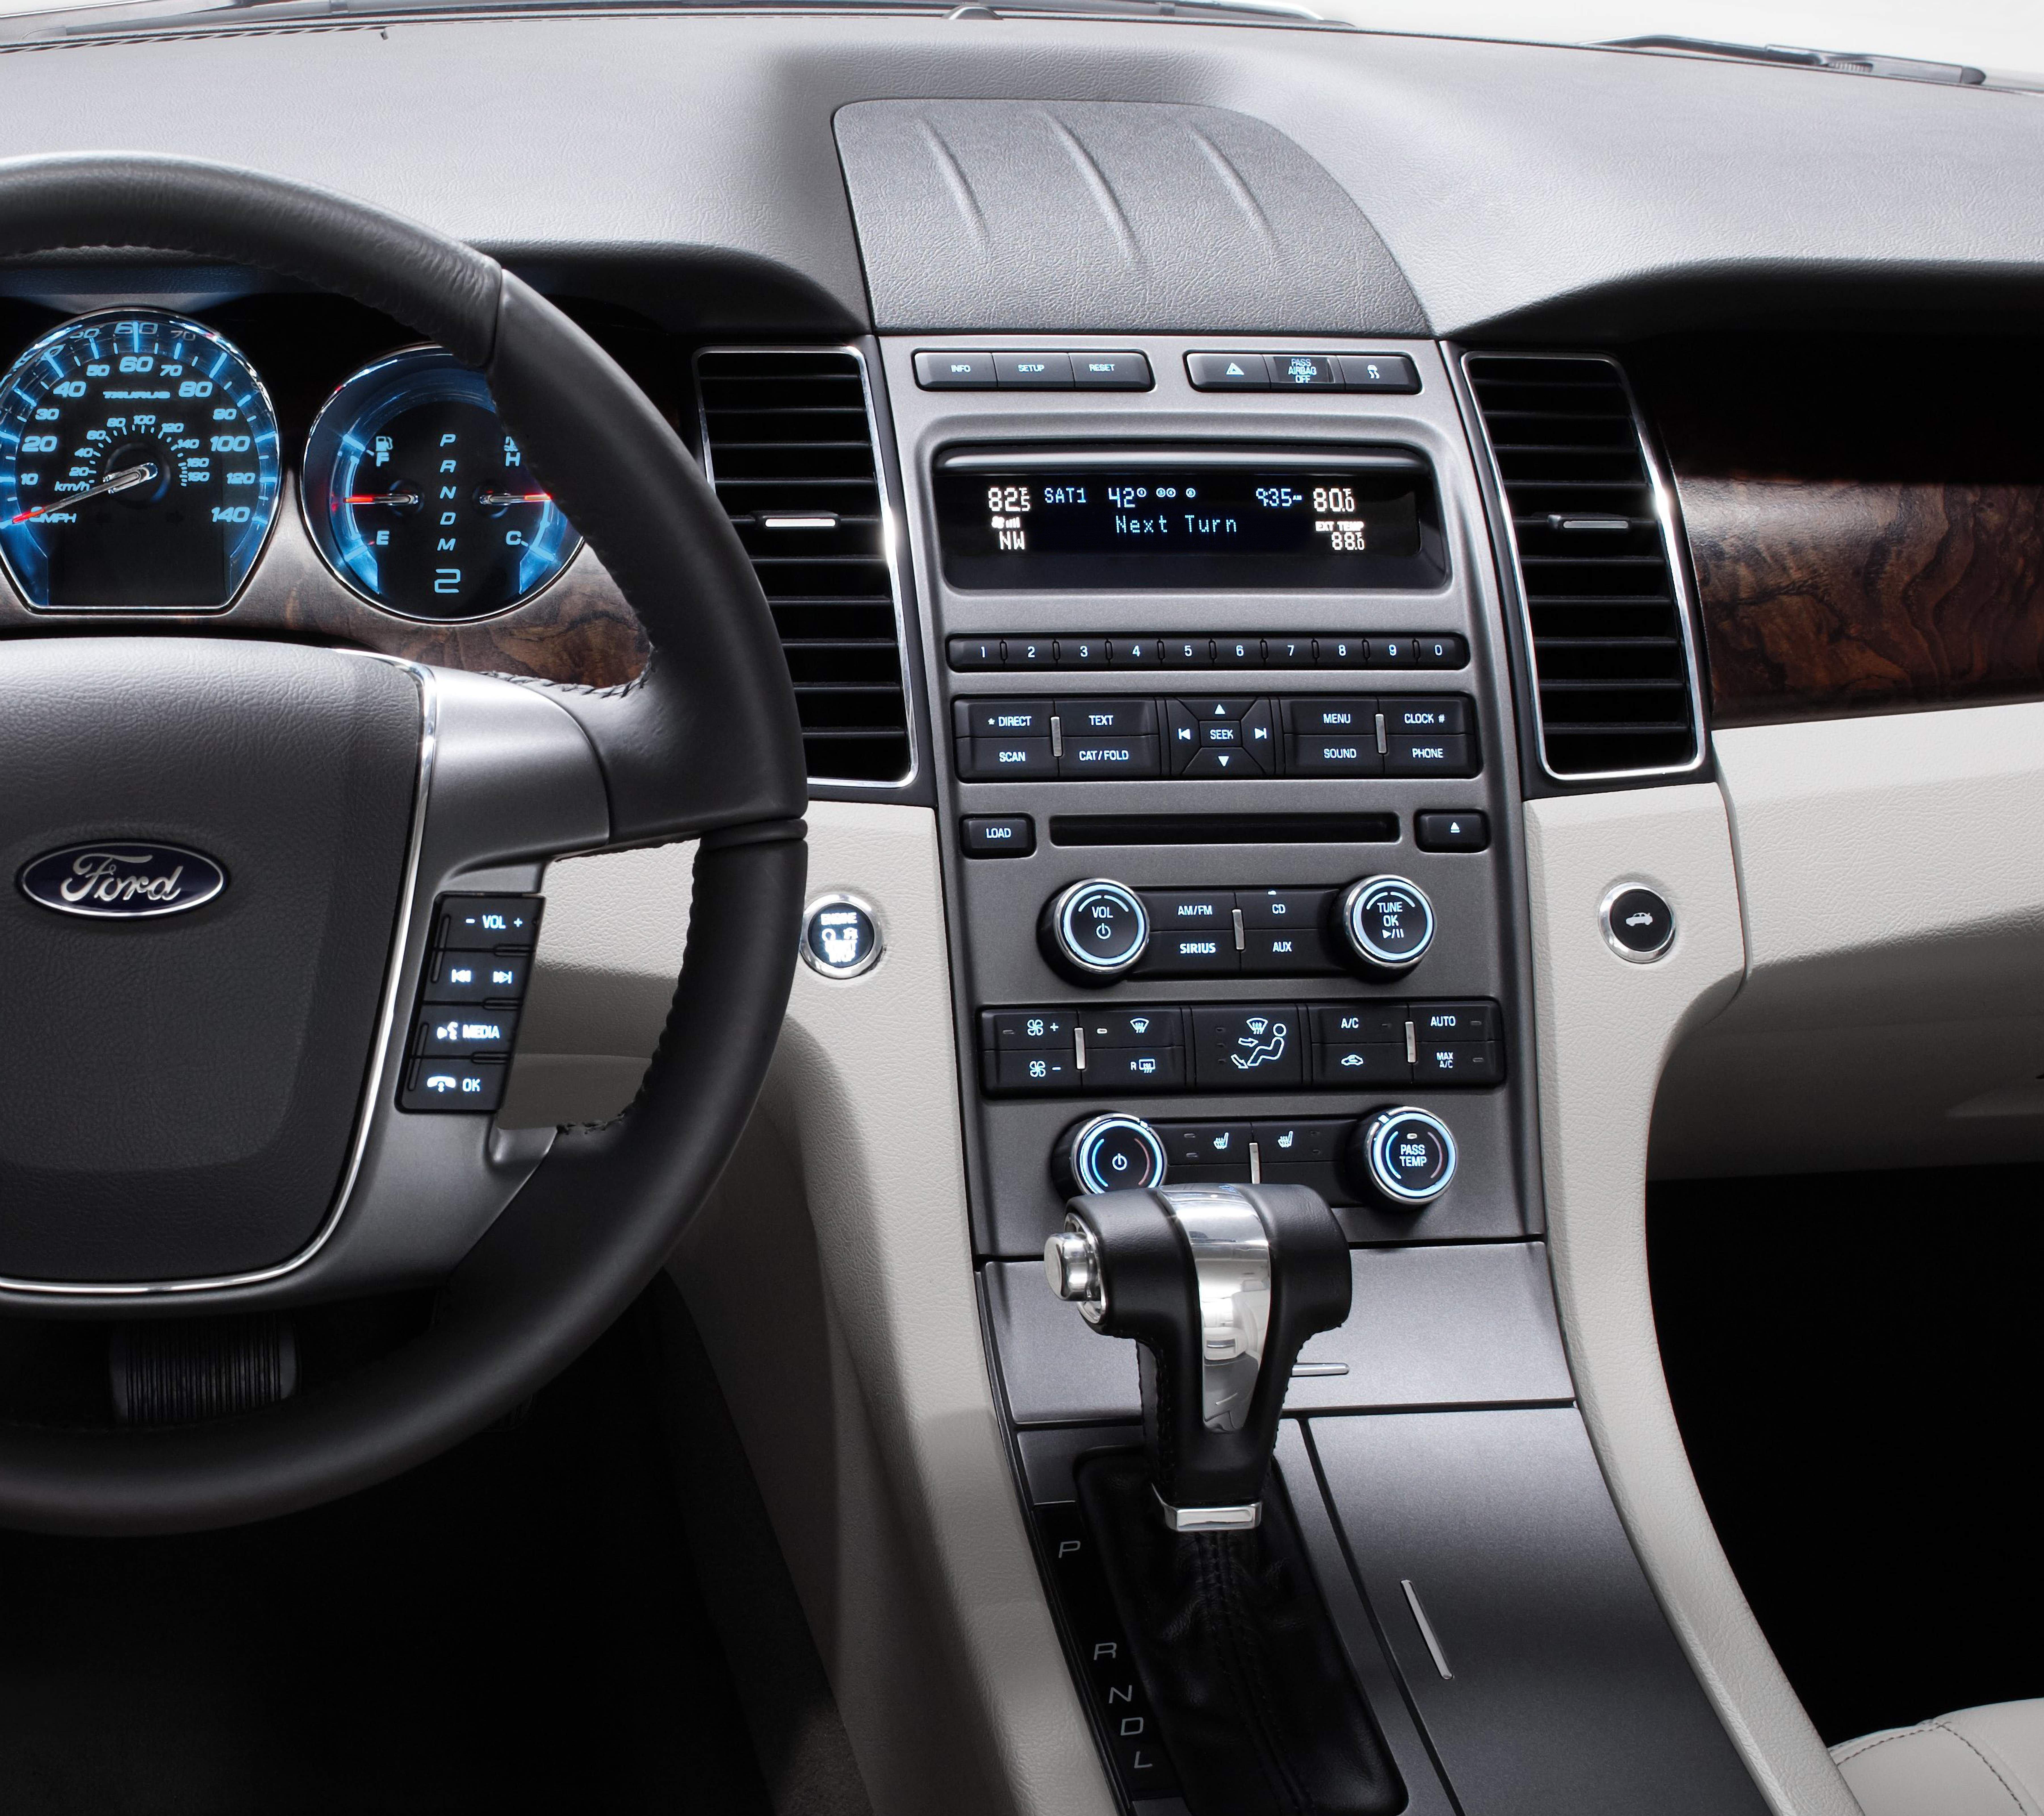 Ford фотография салона втомобиля, скачать высоком разрешении